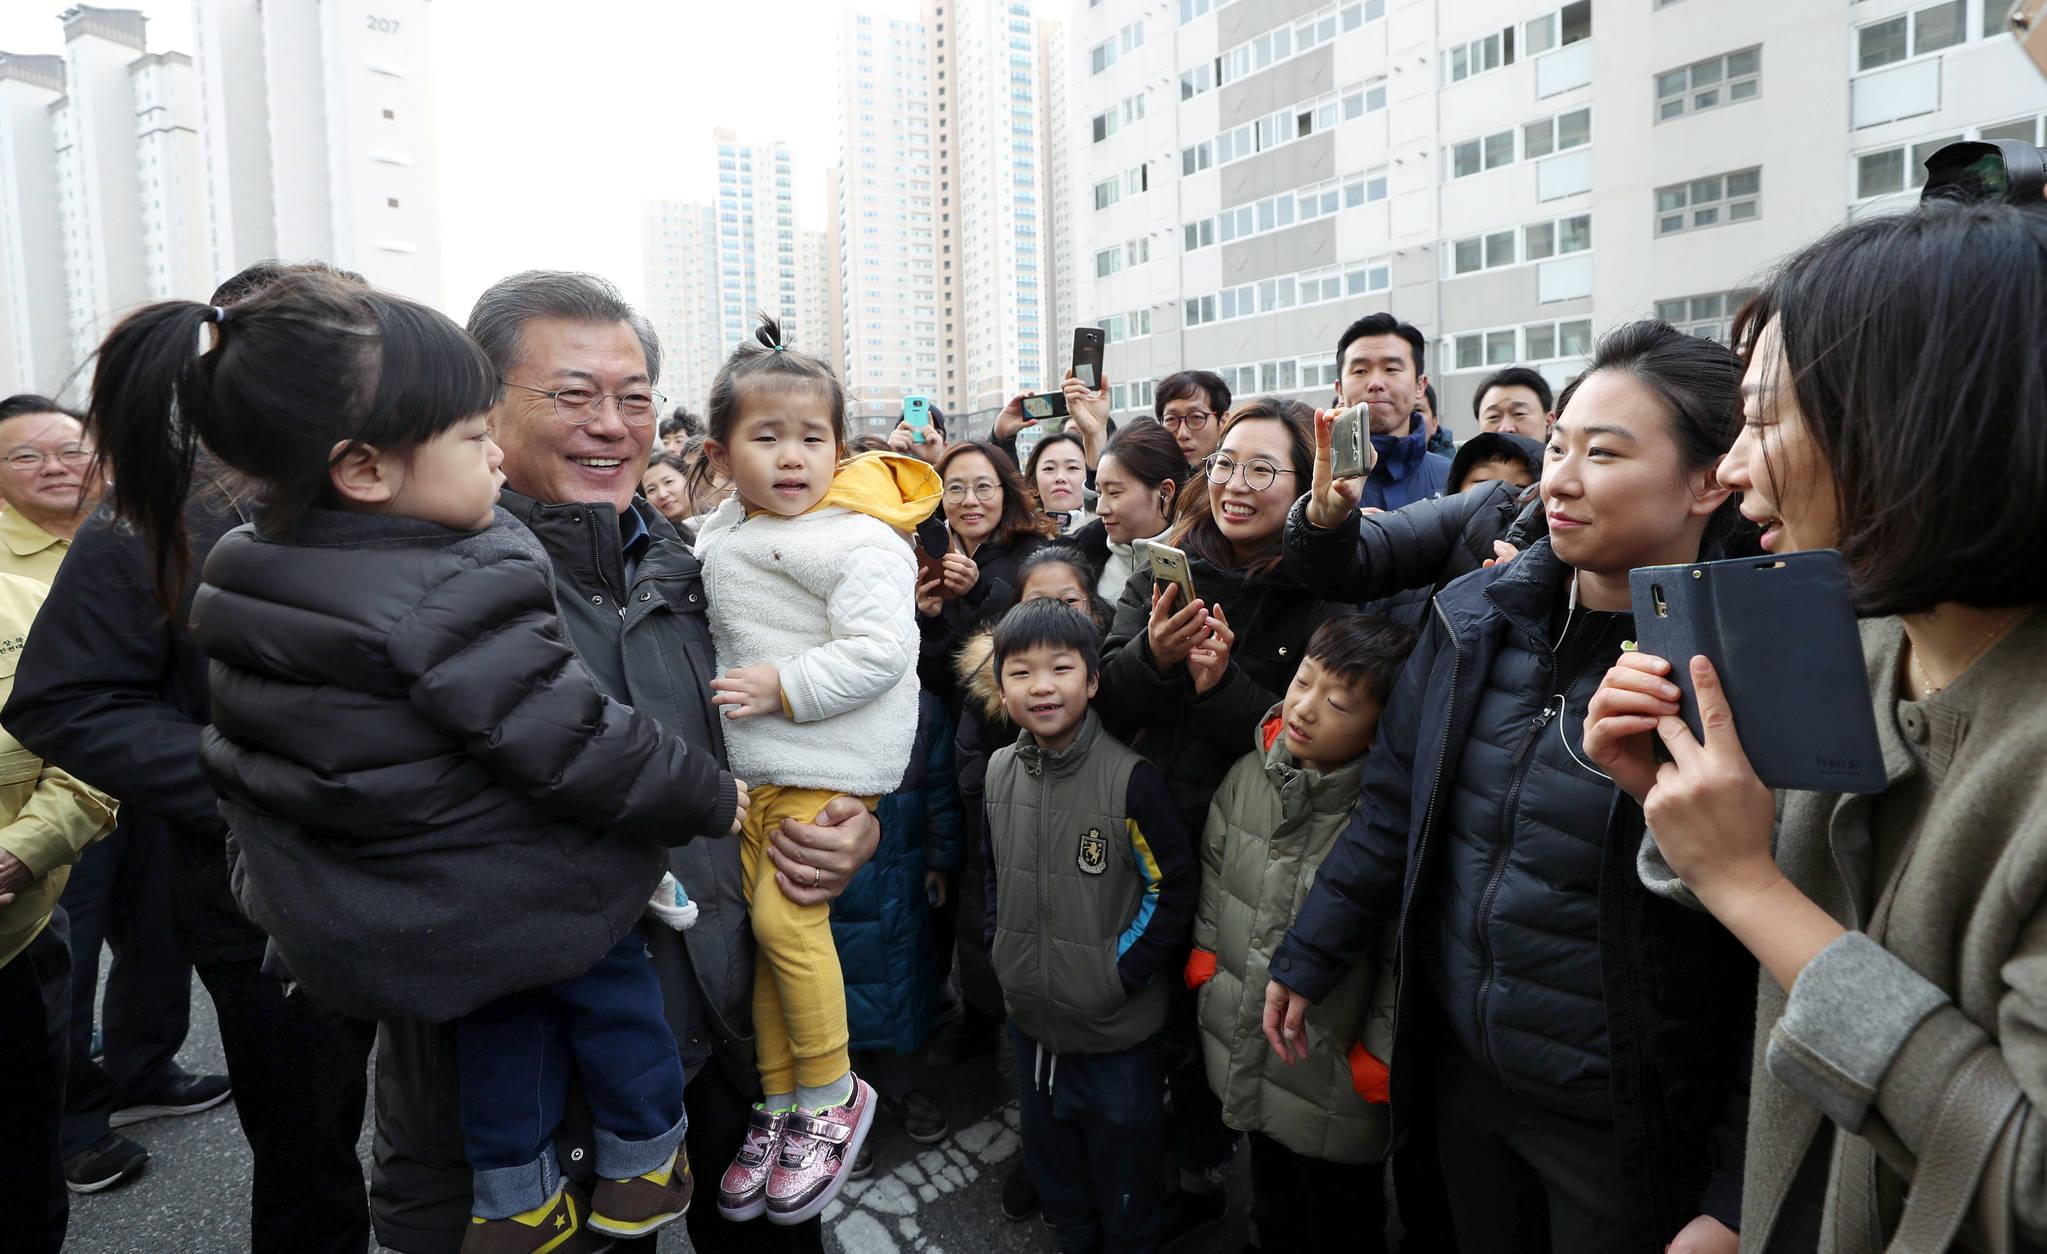 문재인 대통령이 지난해 11월 24일 오후 포항시 북구 지진 피해자 입주예정 아파트를 살펴 본 뒤 주민들과 인사하고 있다. 김상선 기자